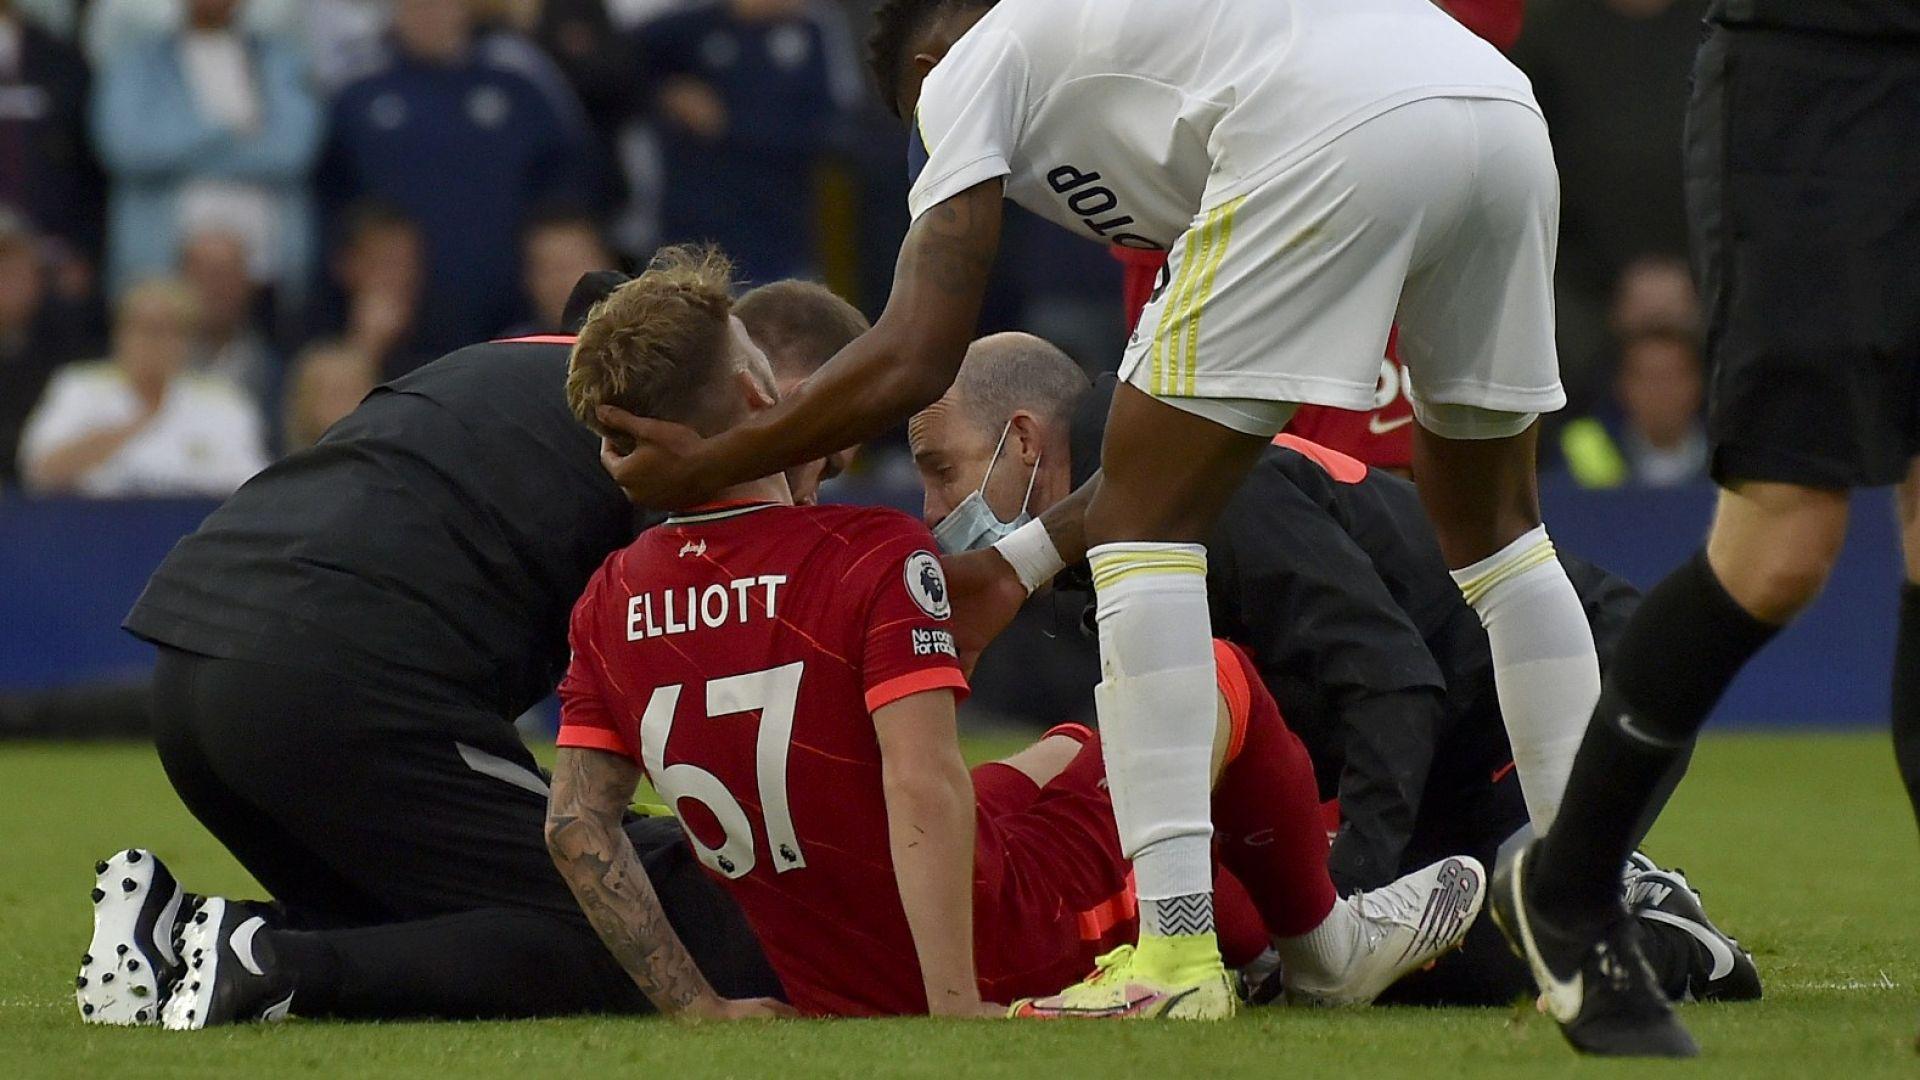 Английски талант изненадващо скочи в защита на съперника, който счупи крака му